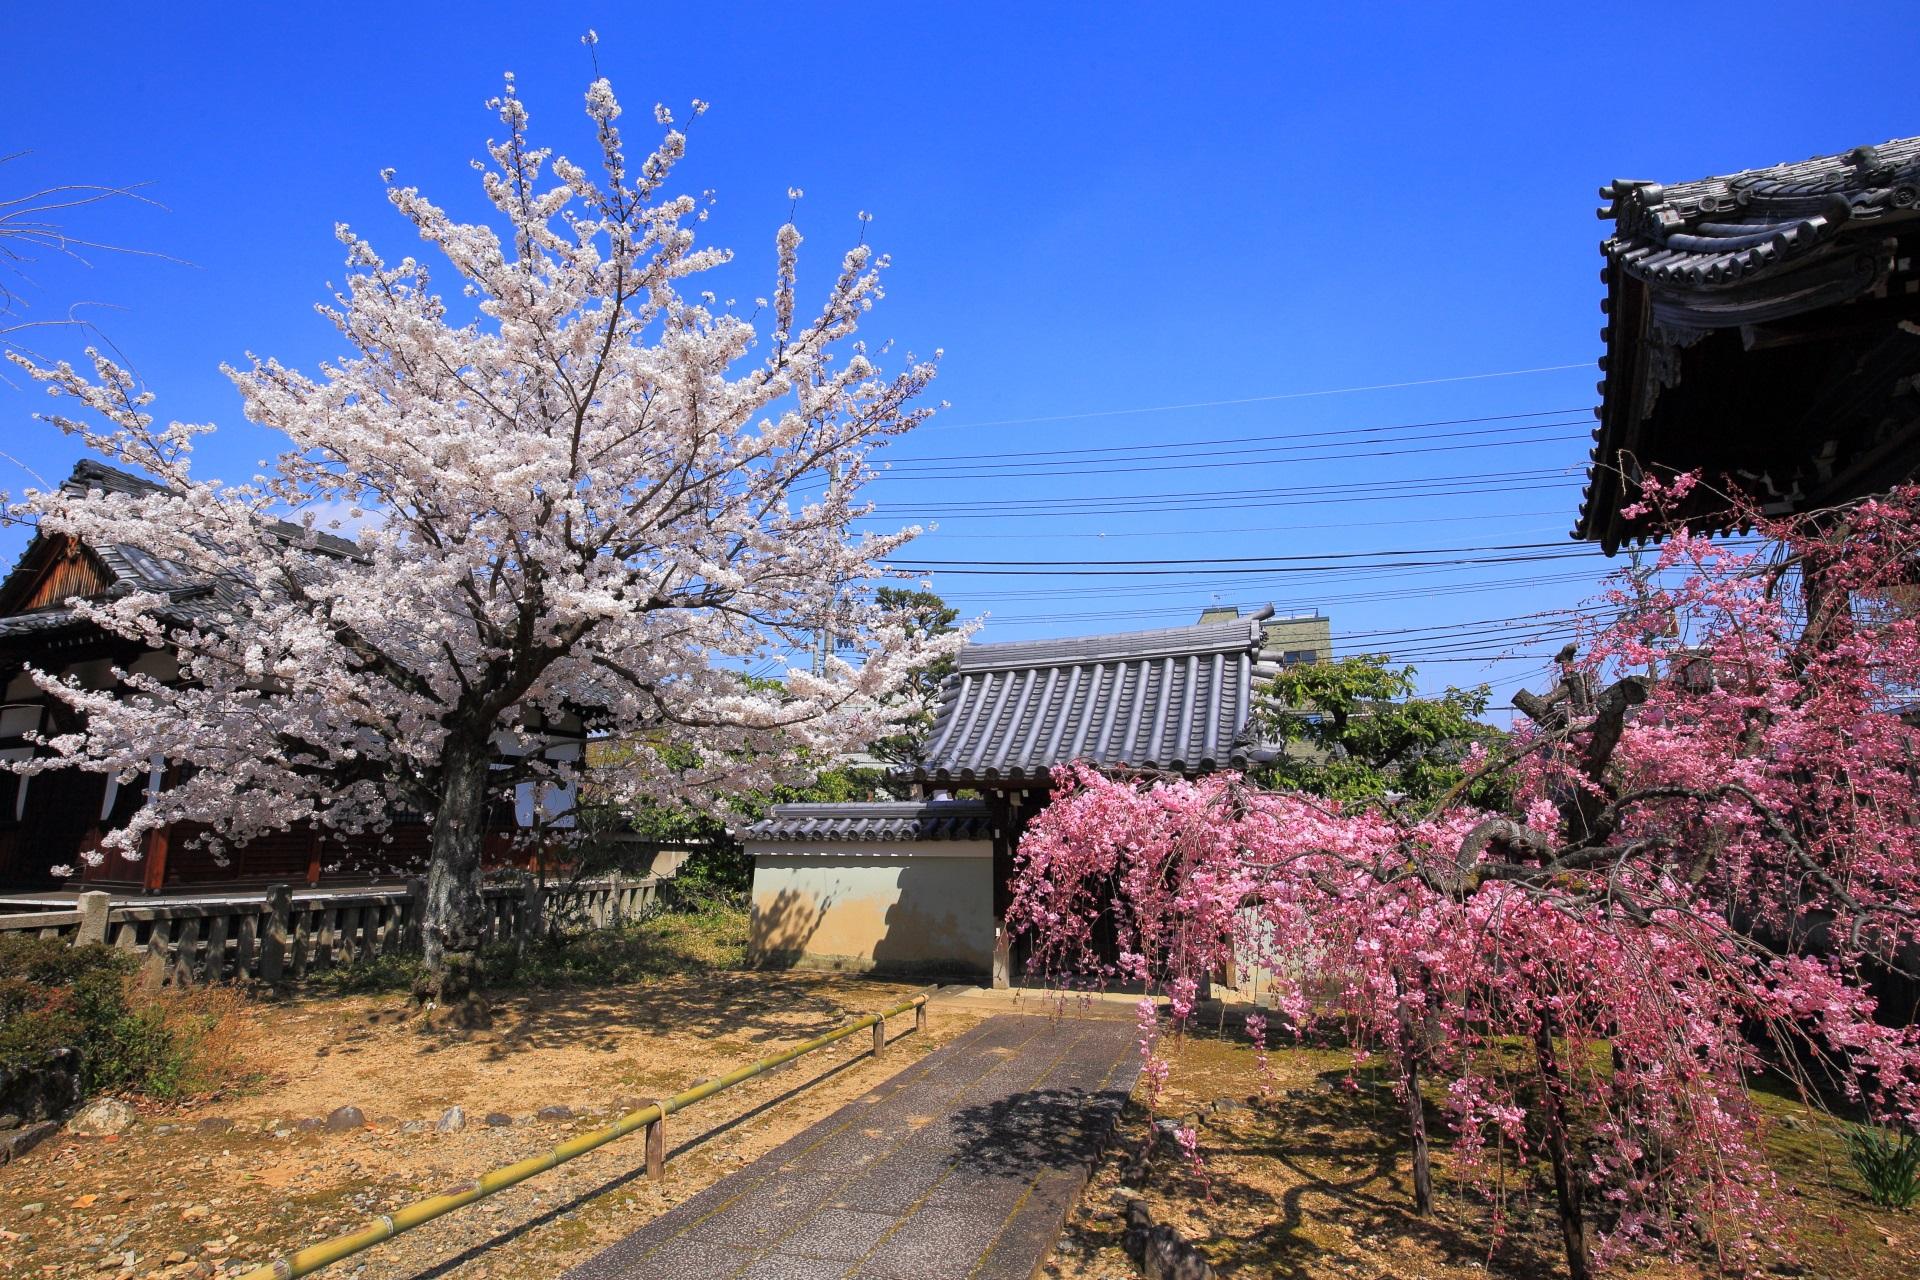 上品蓮台寺の青空に映える春らしい色合いのソメイヨシノと紅しだれ桜